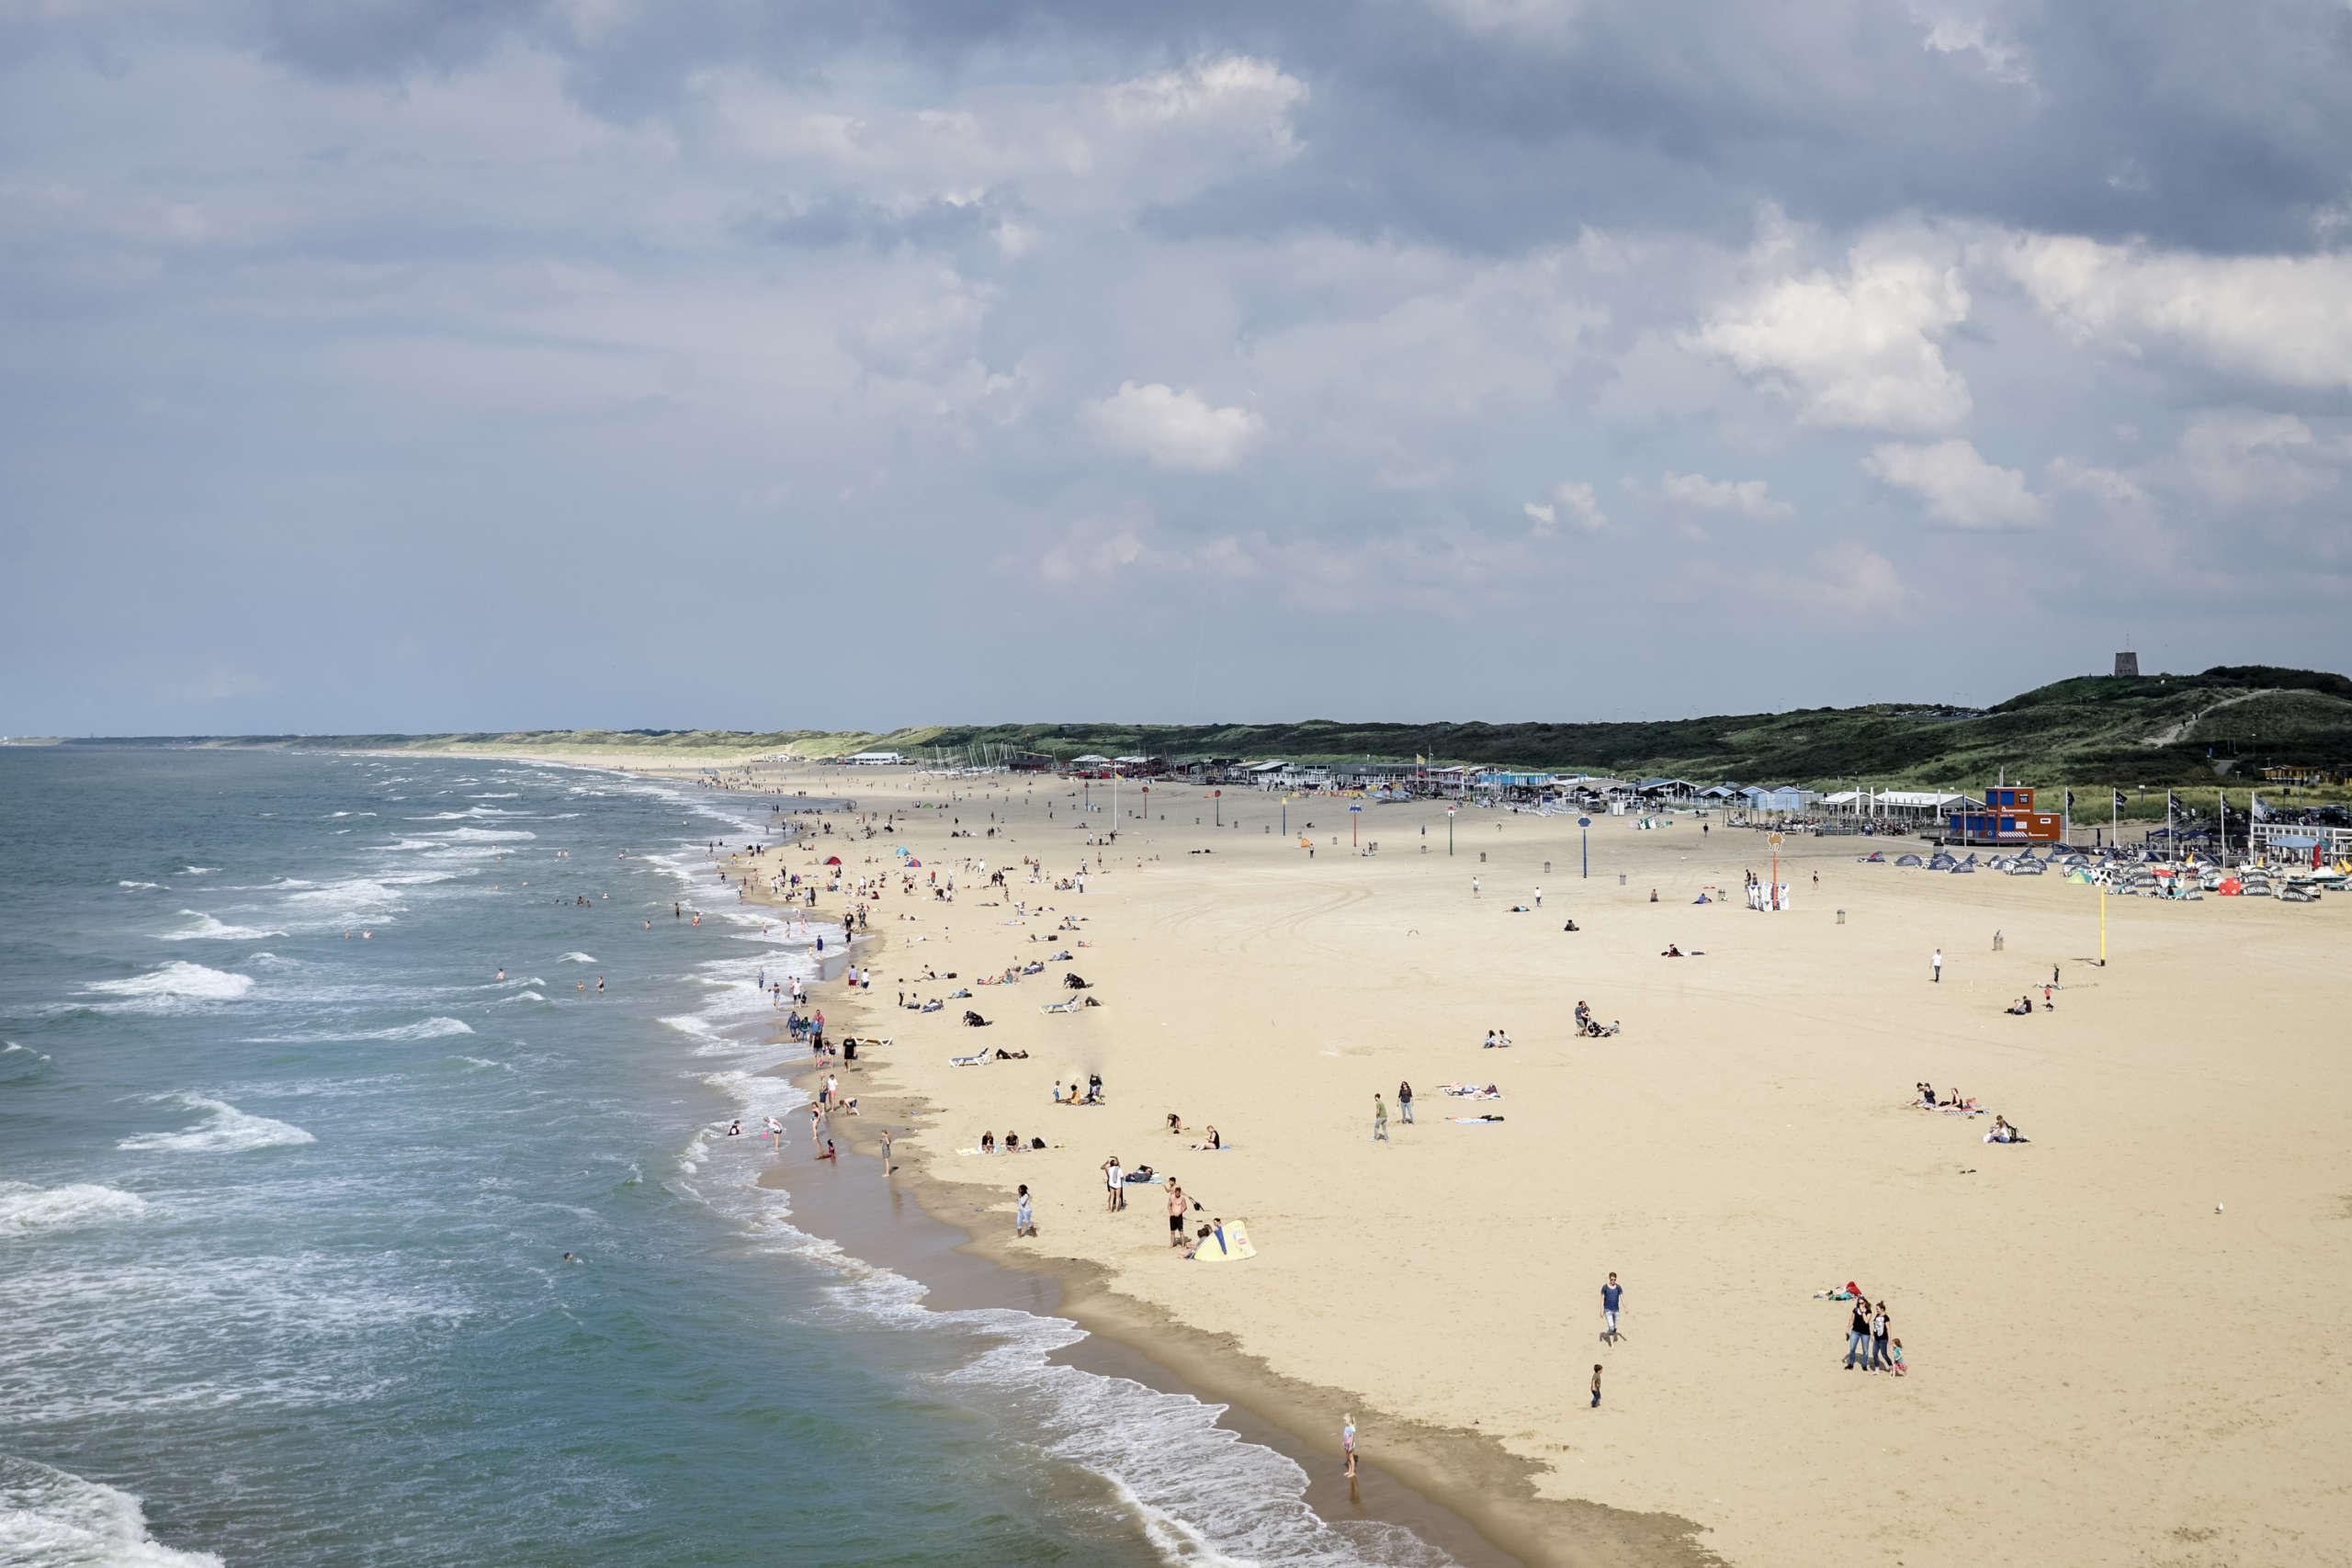 Blick auf einen belebten Strand an der niederländischen Nordseeküste